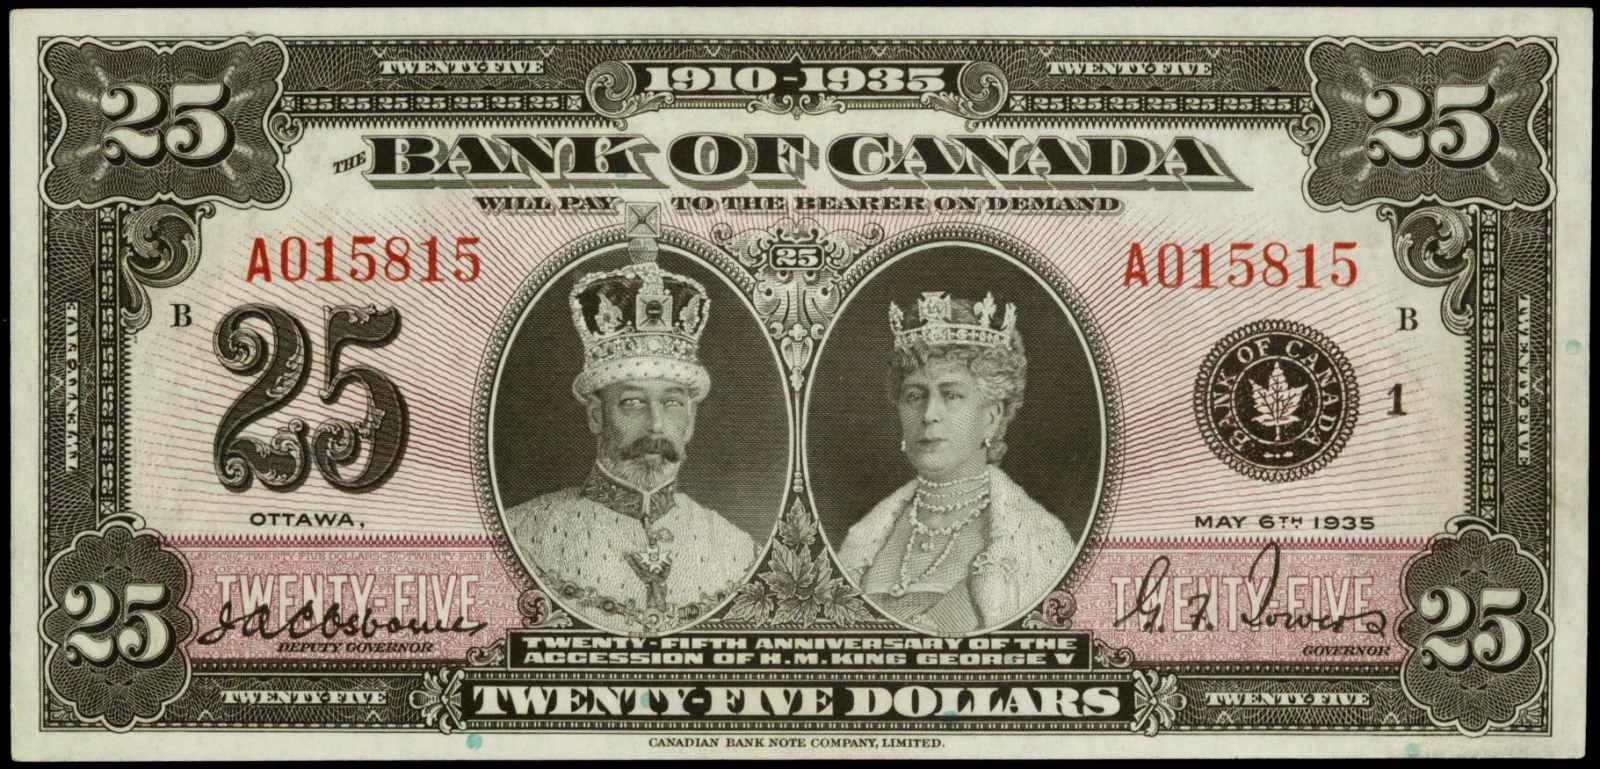 Canada Jubilee Twenty Five Dollar note 1935.JPG